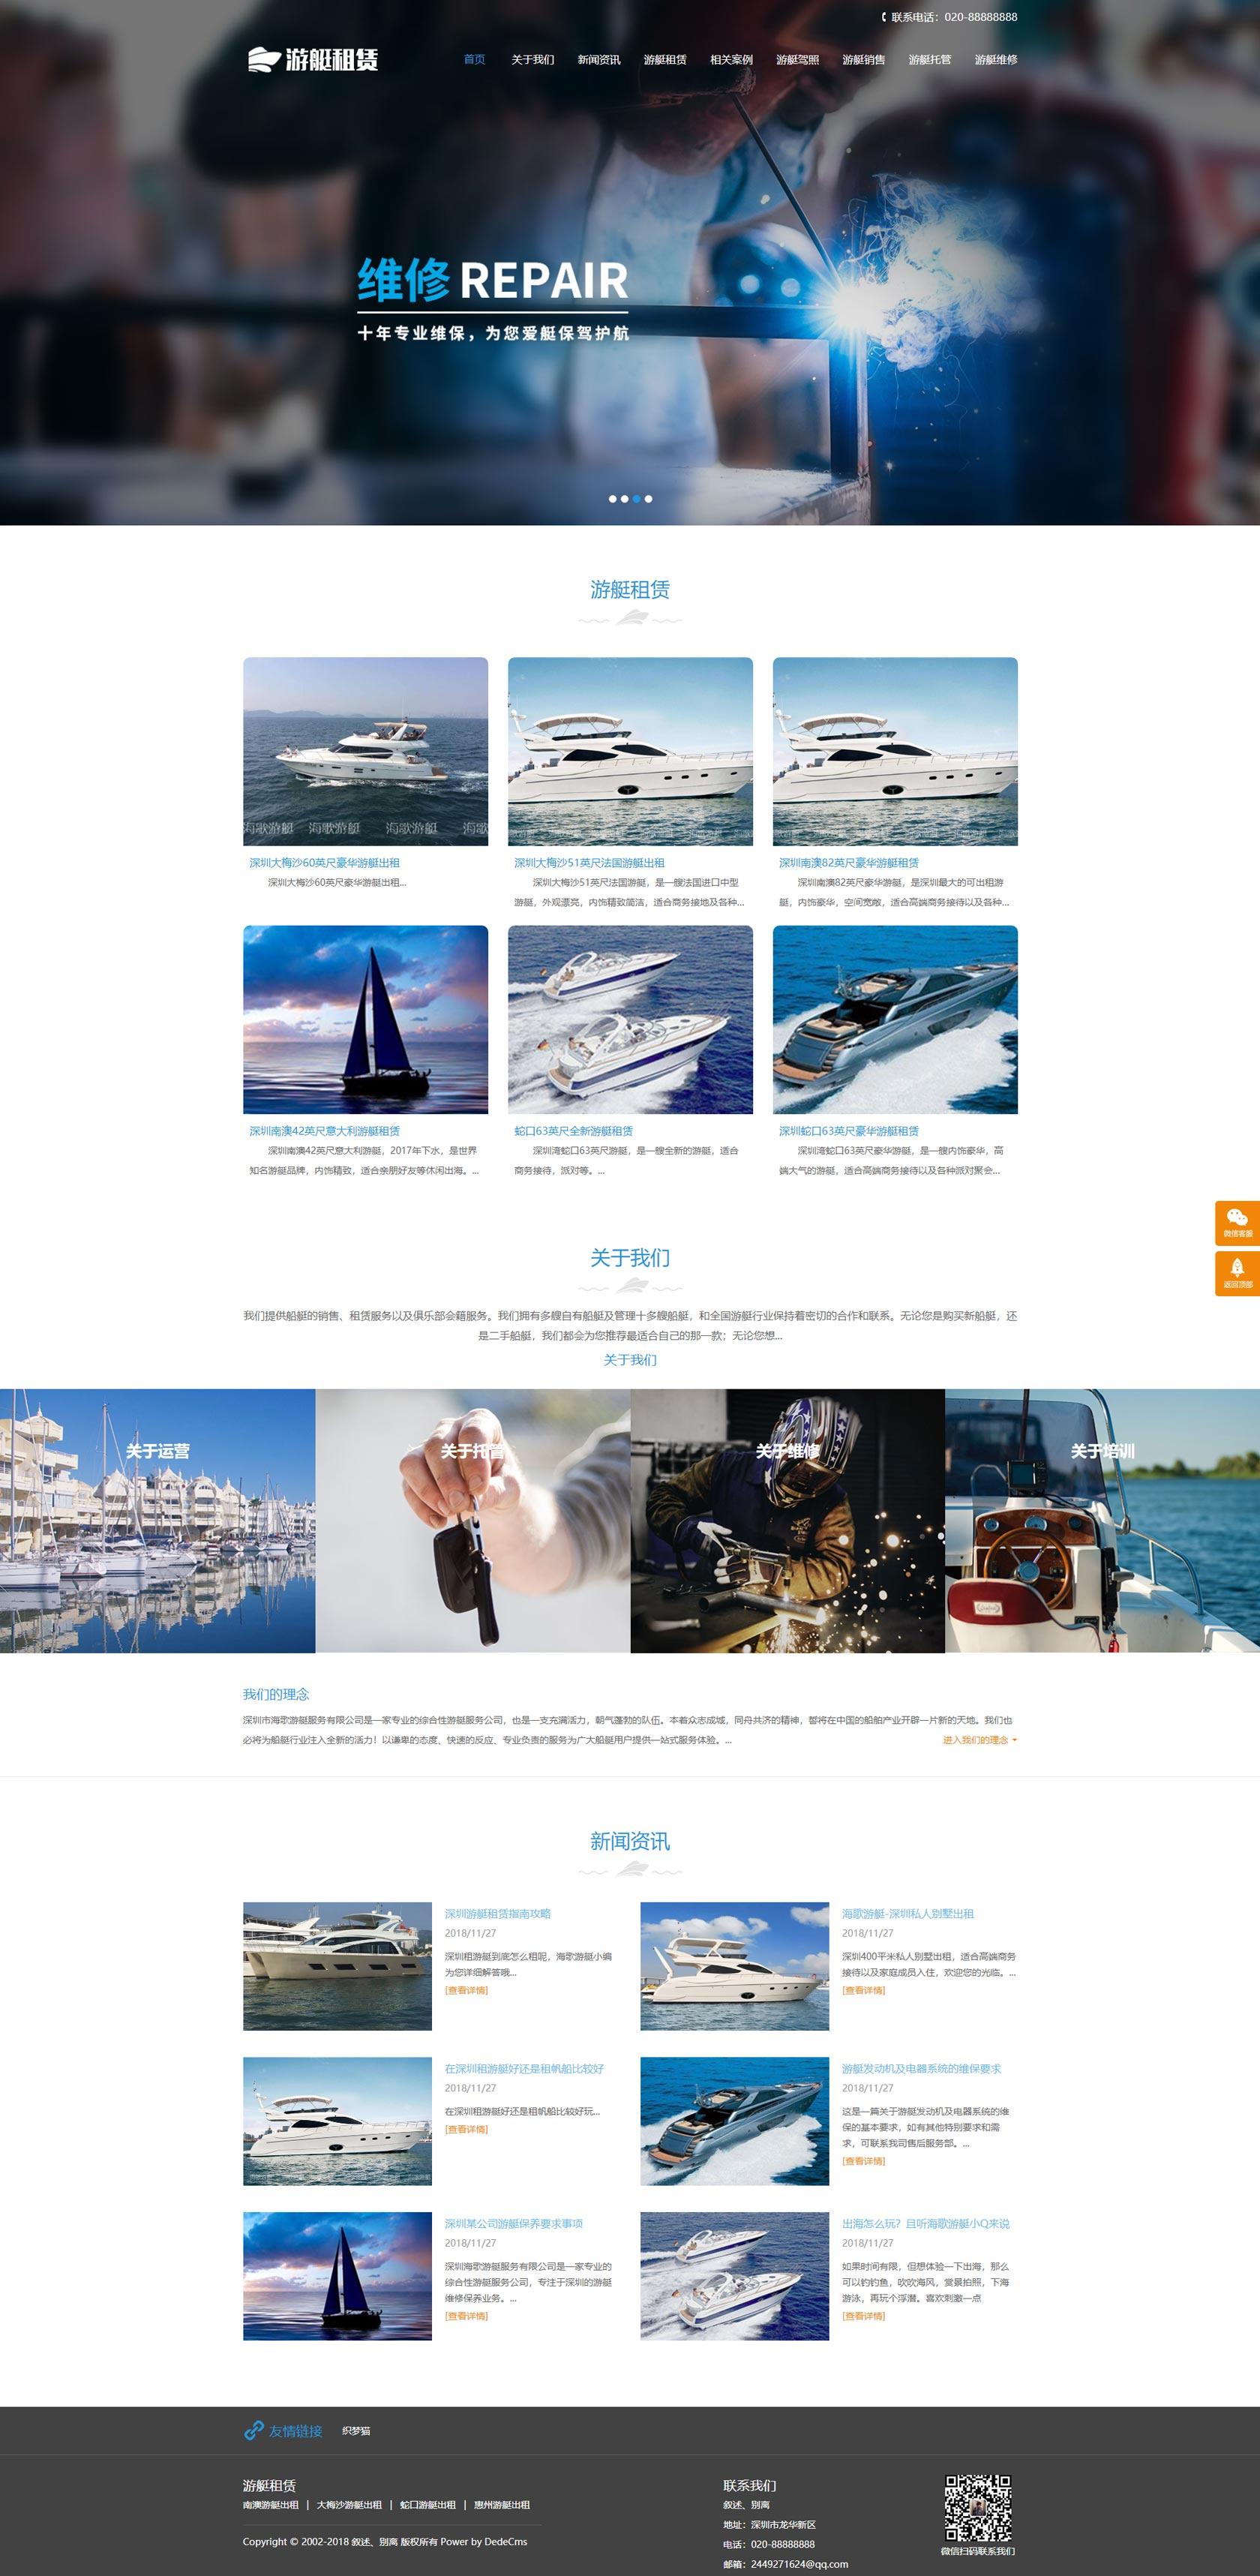 HTML5简洁响应式游艇租赁织梦自适应模板+最新layui后台